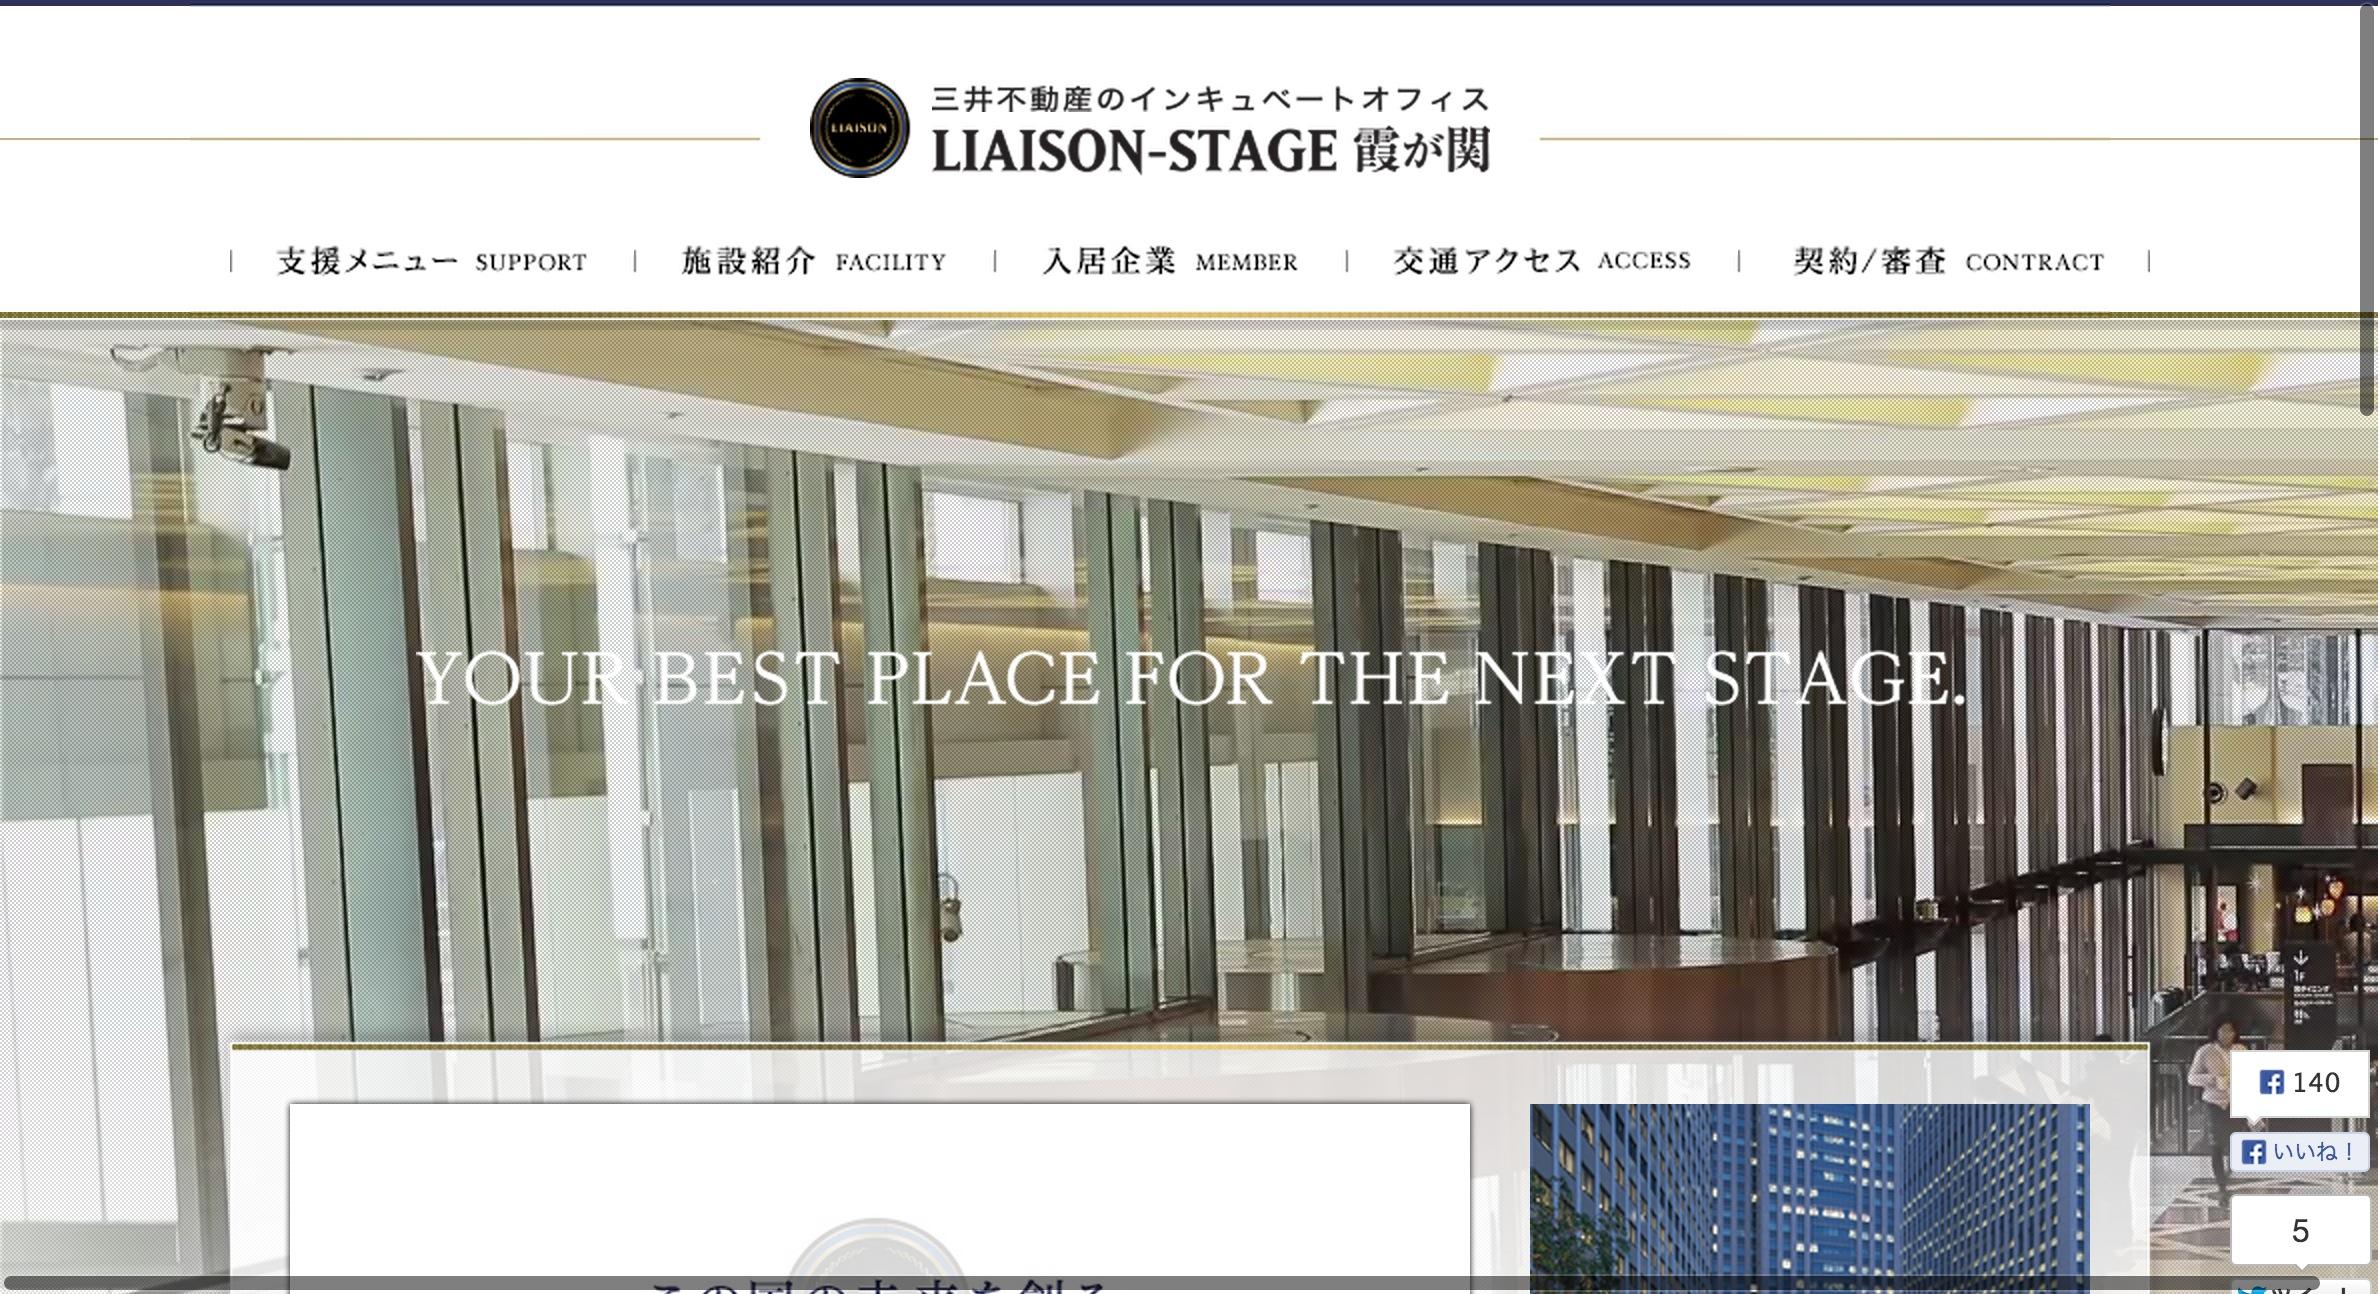 LIAISON STAGE霞が関|三井不動産のインキュベートオフィス